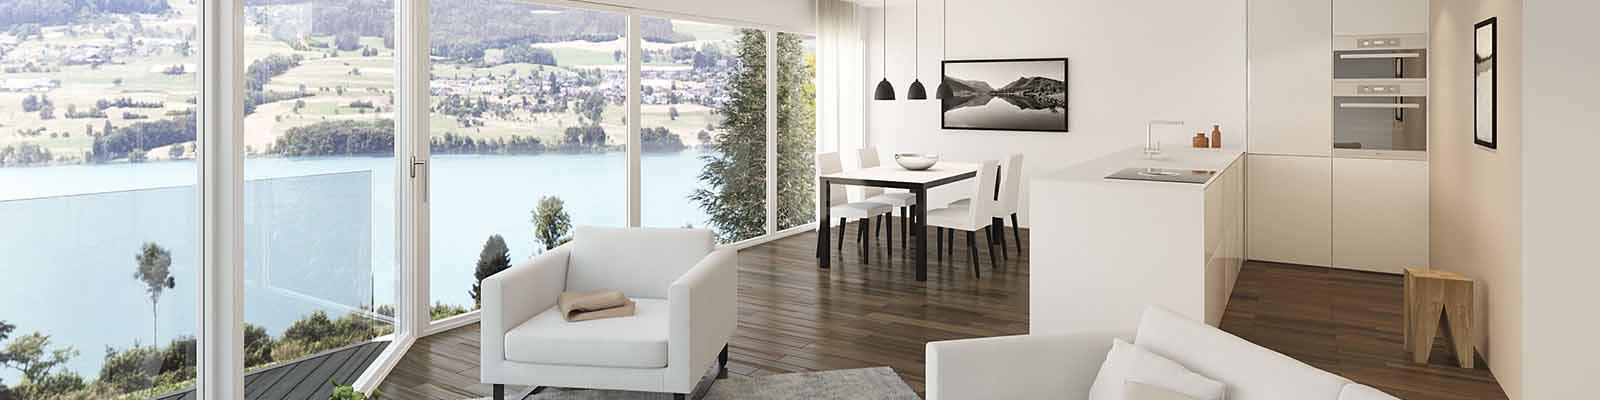 Wohnungsreinigung Winterthur